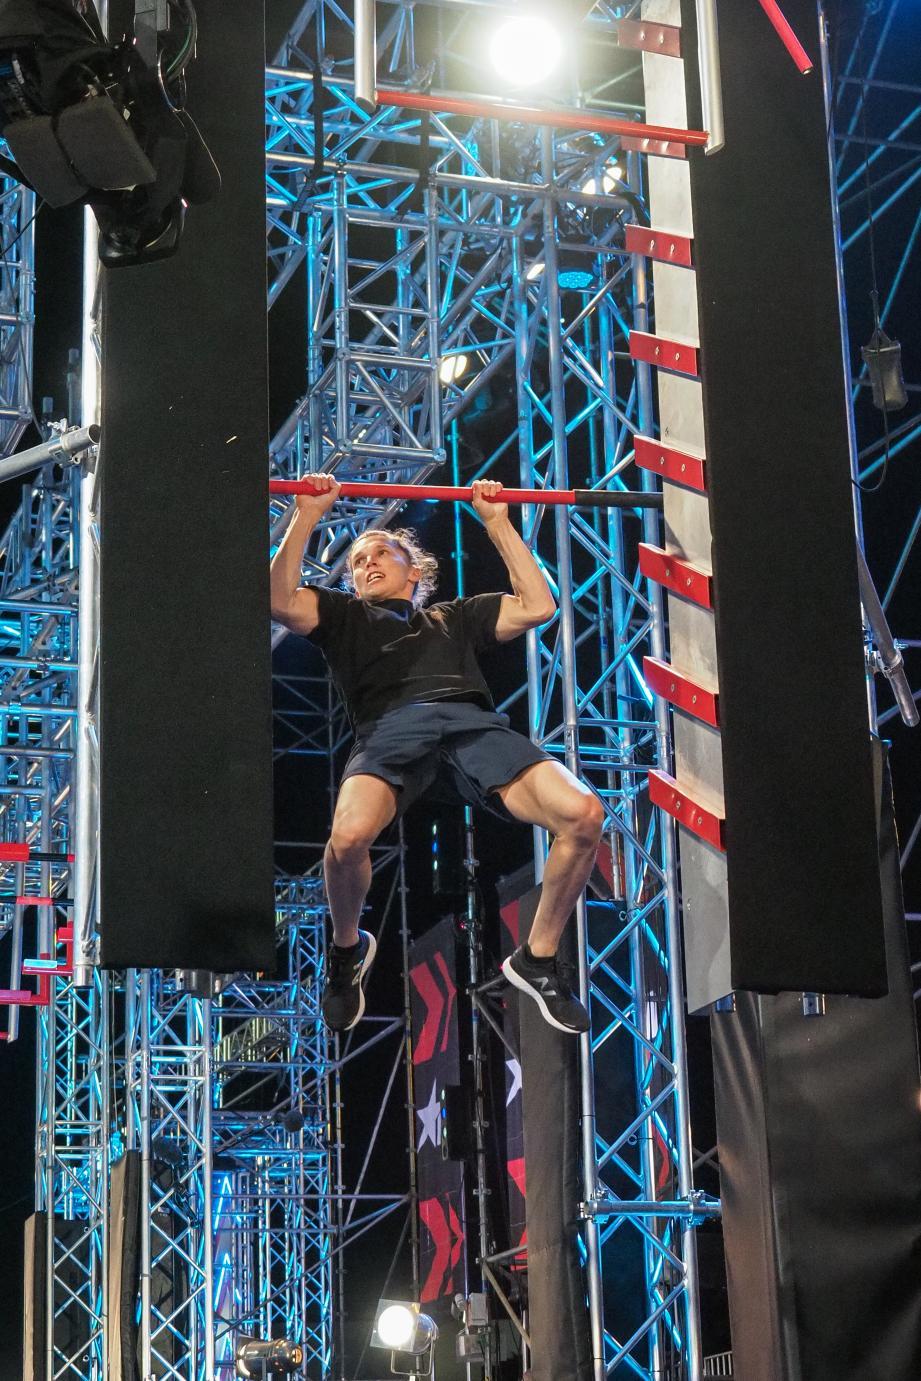 Thomas Hubener n'a pas réussi à terminer le dernier parcours de la grande finale du jeu de TF1